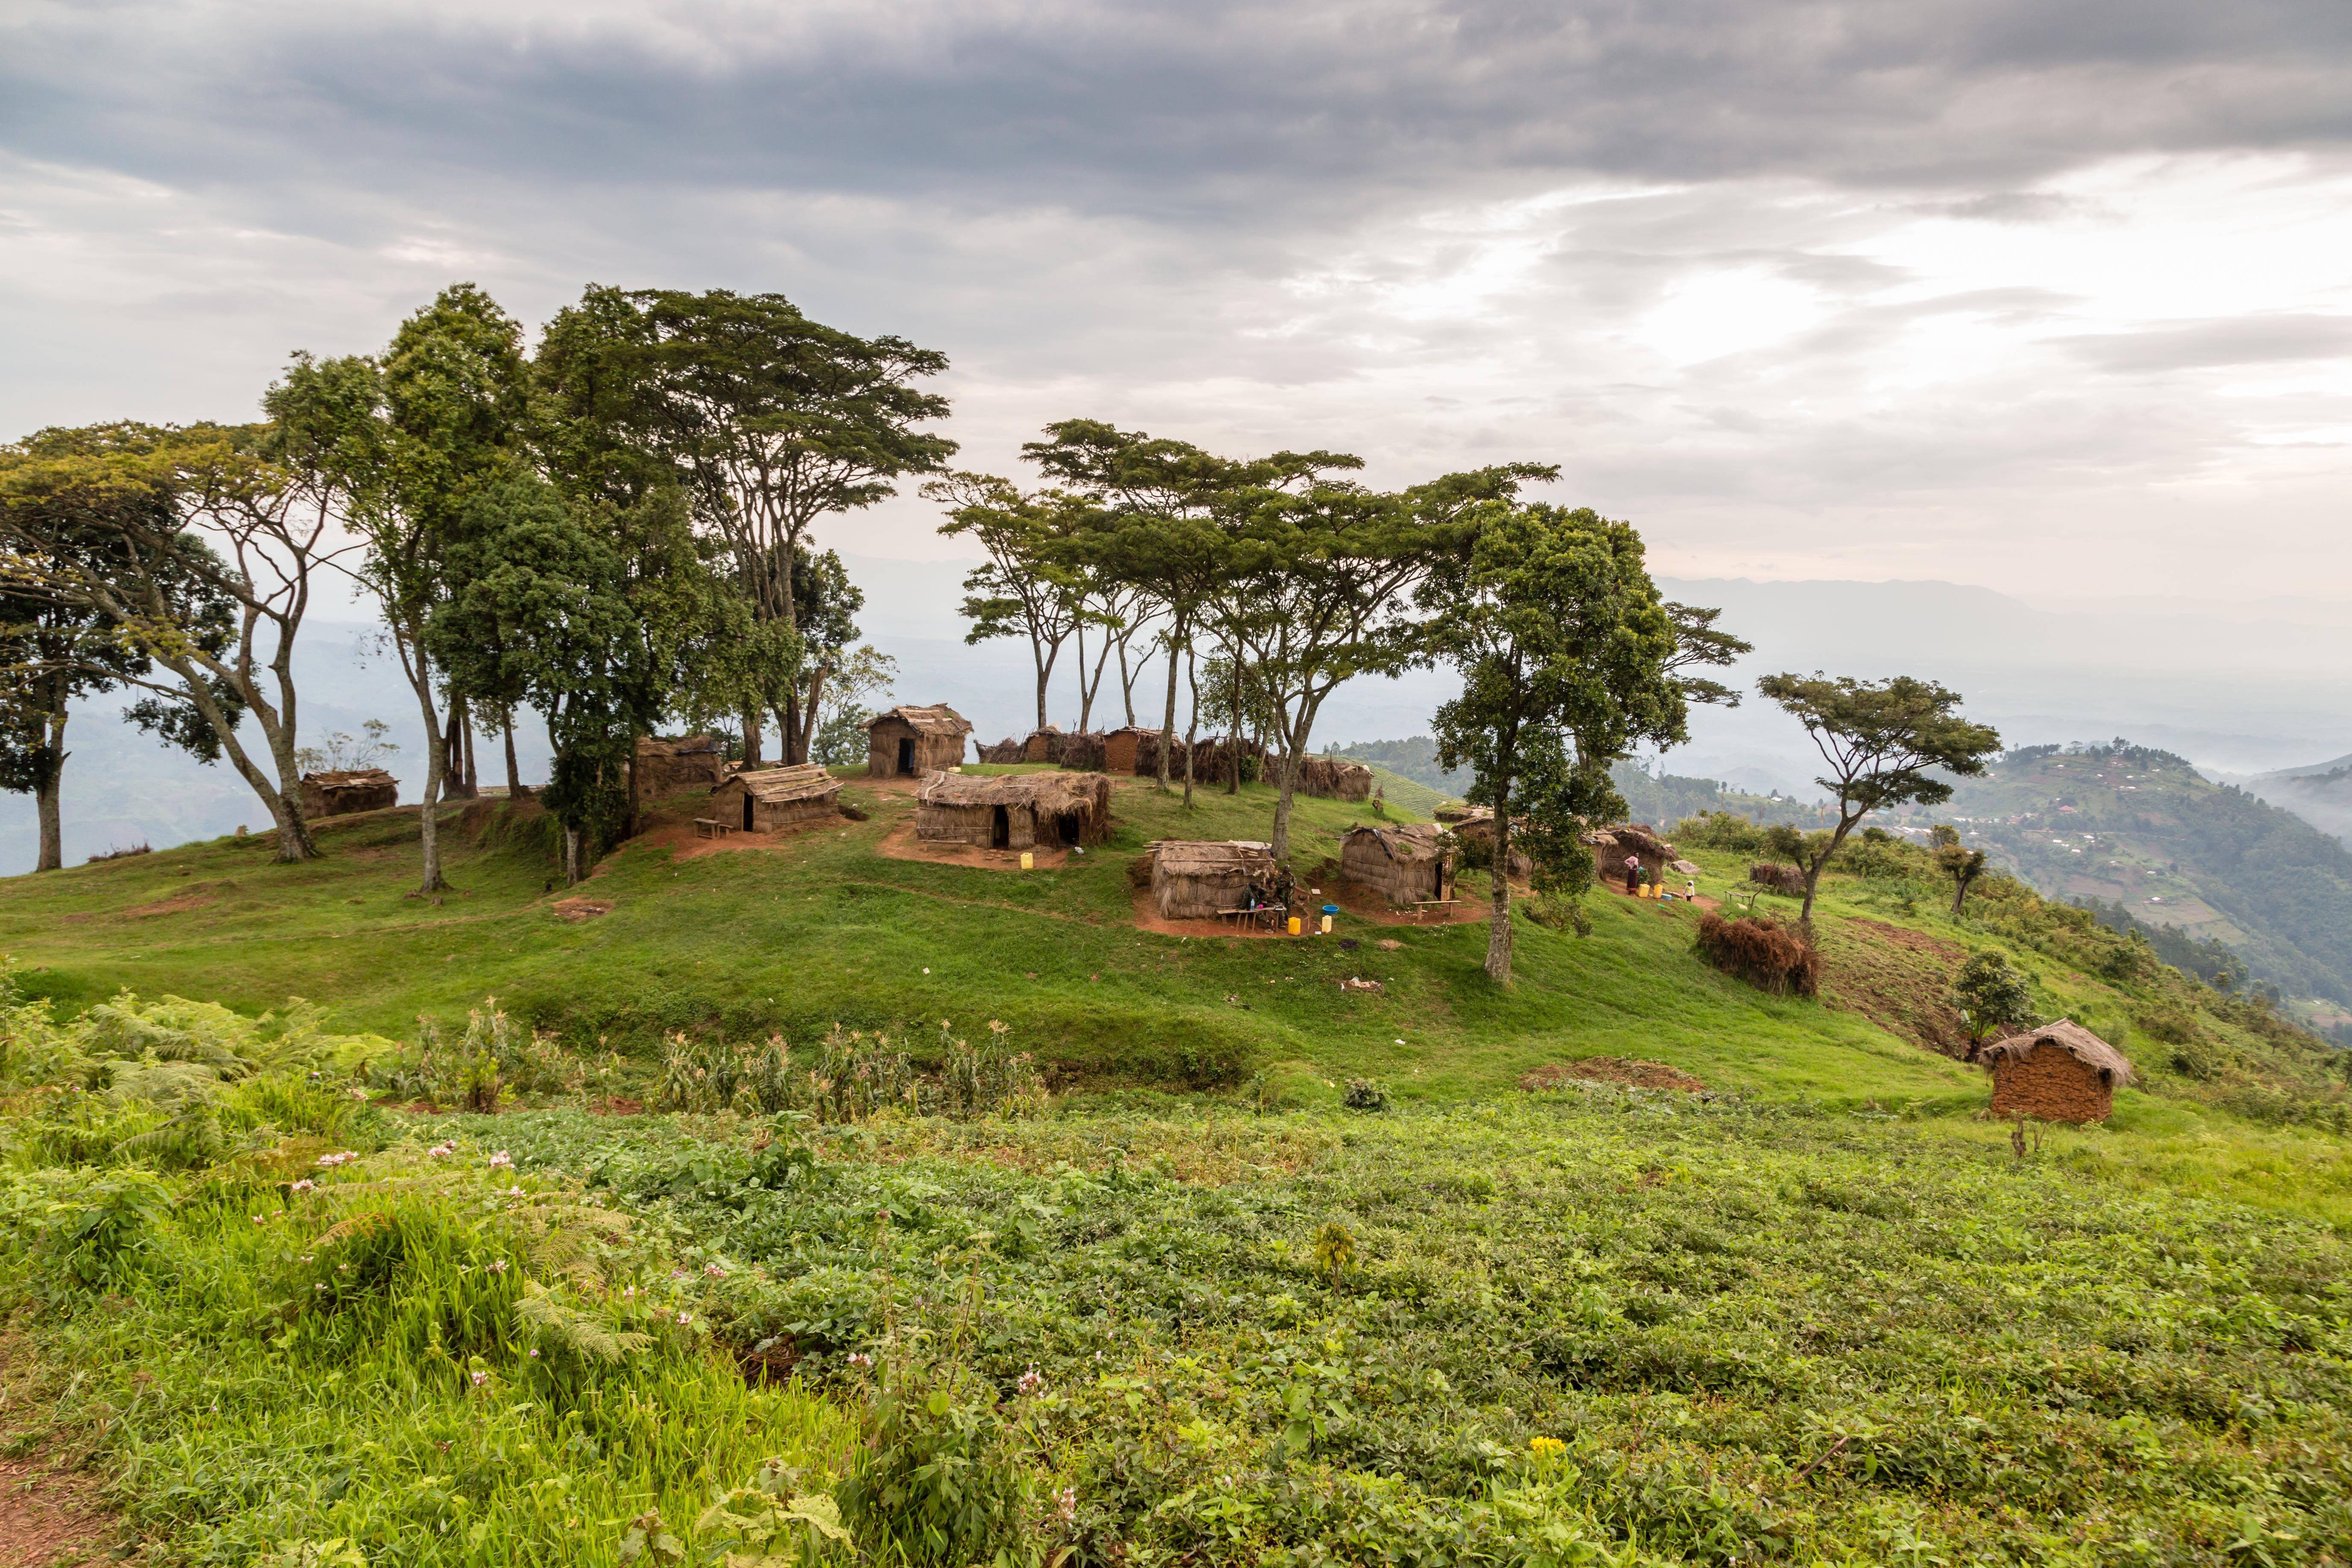 Near Bwindi Impenetrable Forest, Uganda